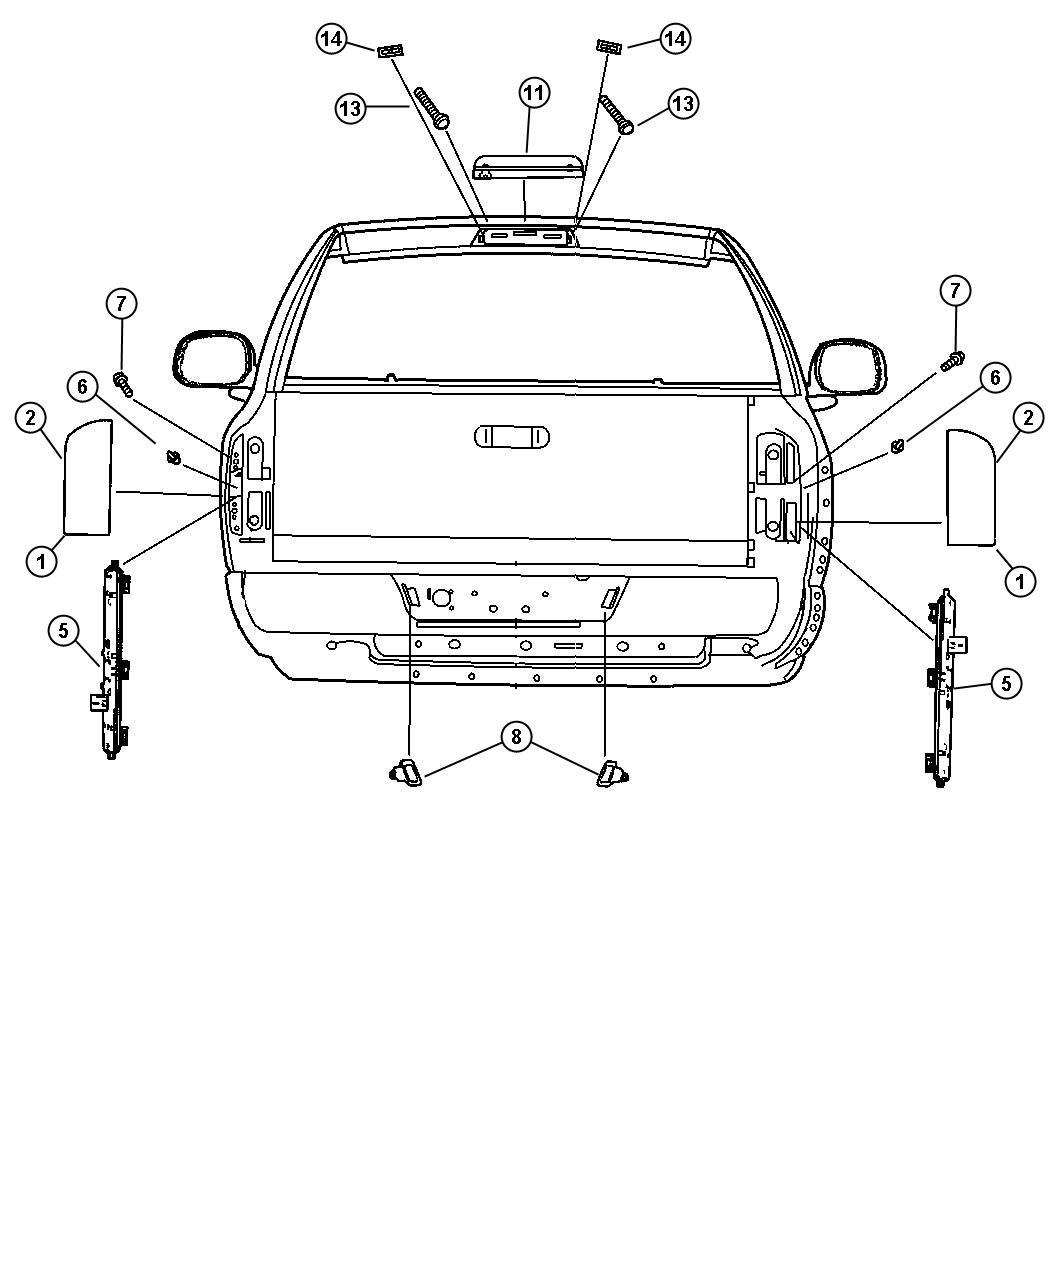 Lamps Rear